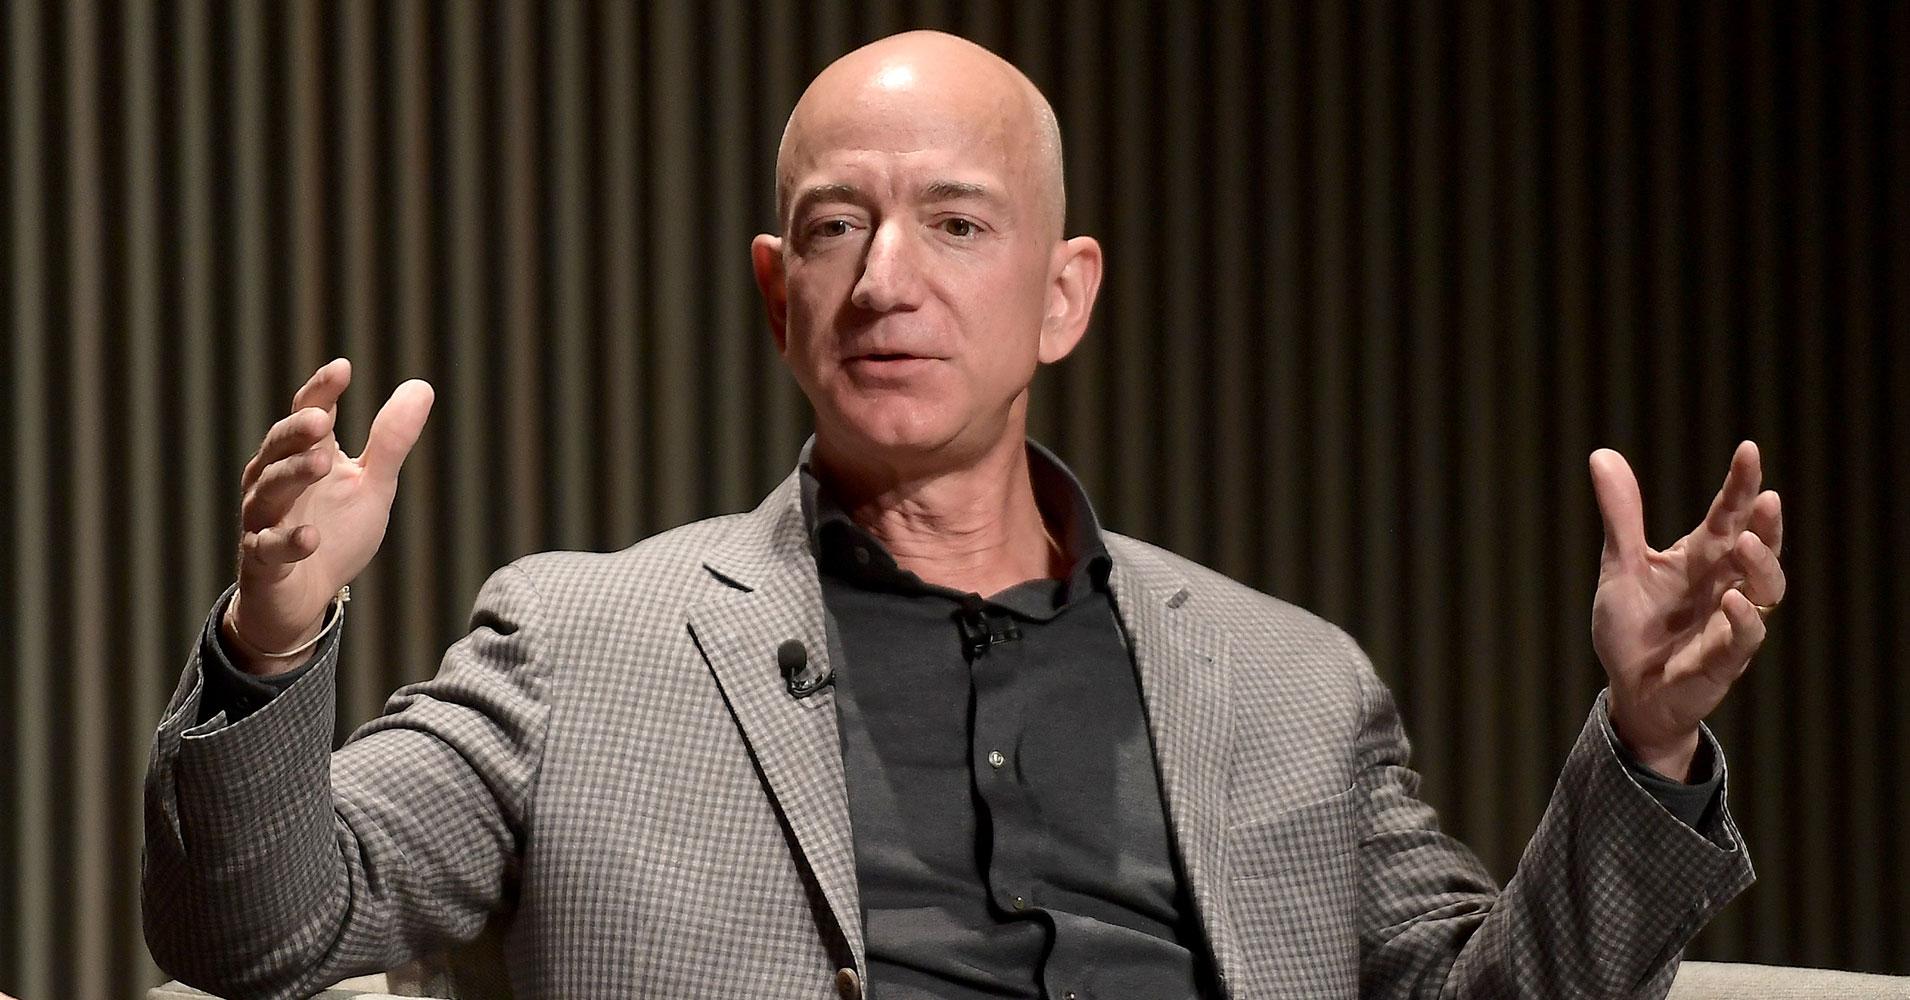 Jeff Bezos cho thấy mình không phải là người dễ dàng thỏa hiệp. Ảnh: Futurism.